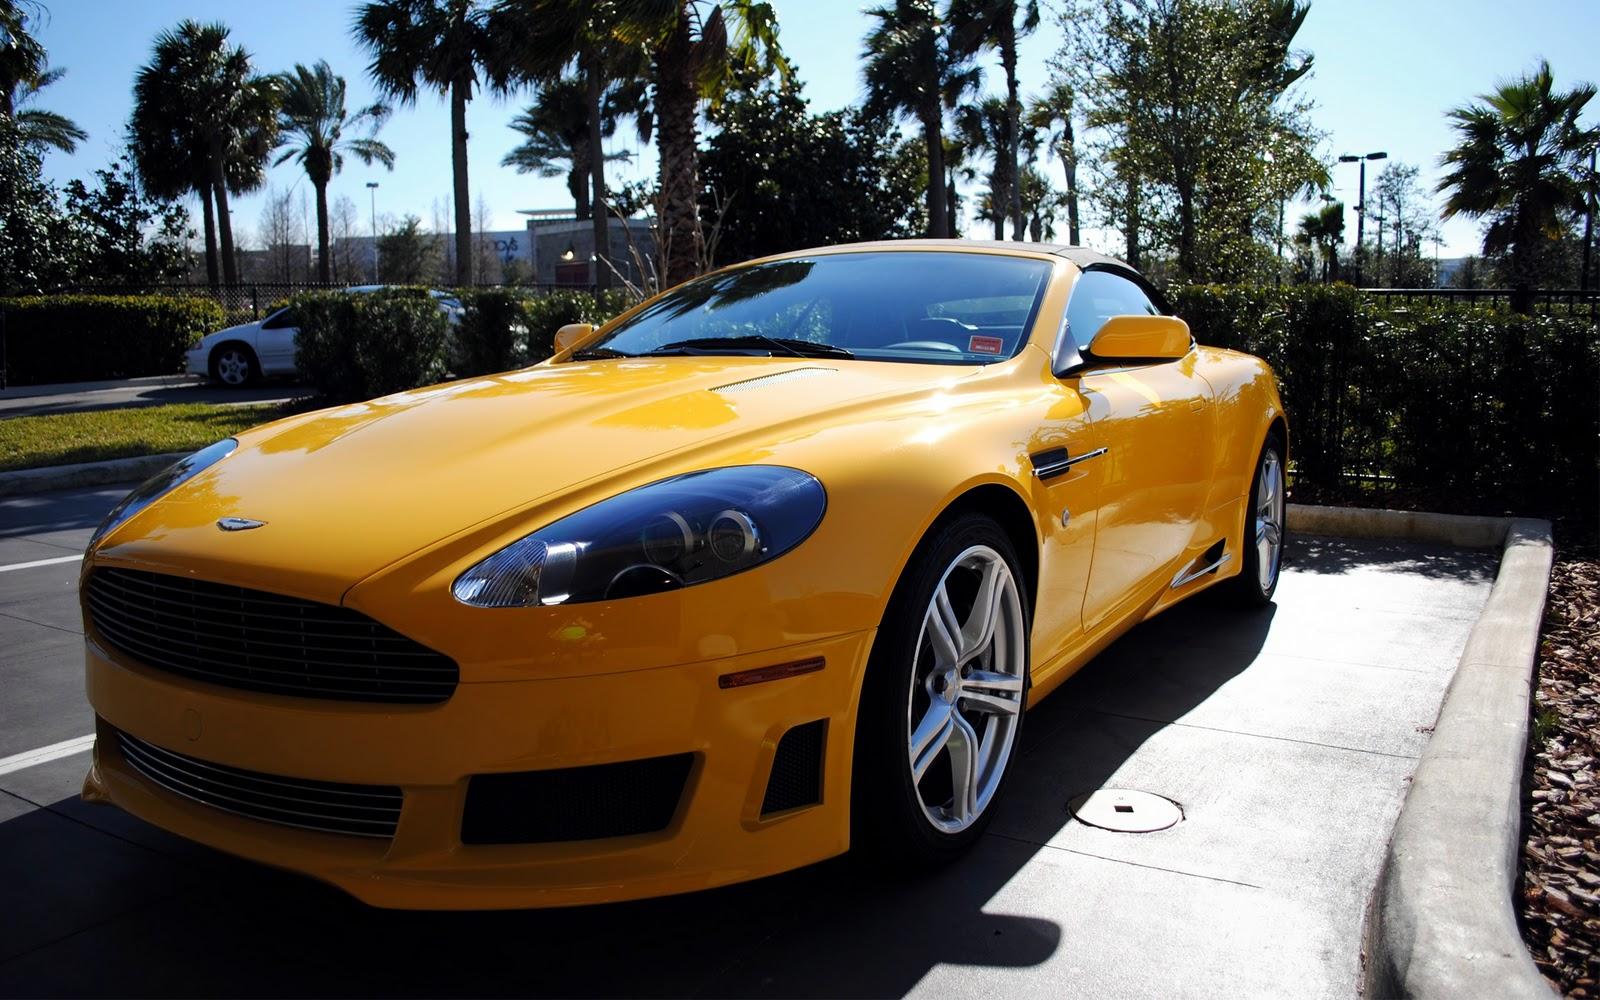 http://3.bp.blogspot.com/-KPq-7s9hSak/TvgpJnB-P_I/AAAAAAAACr8/BSAsamEjvNw/s1600/Aston+Martin+thewallpaperdb.blogspot.com+_+%25283%2529.jpg